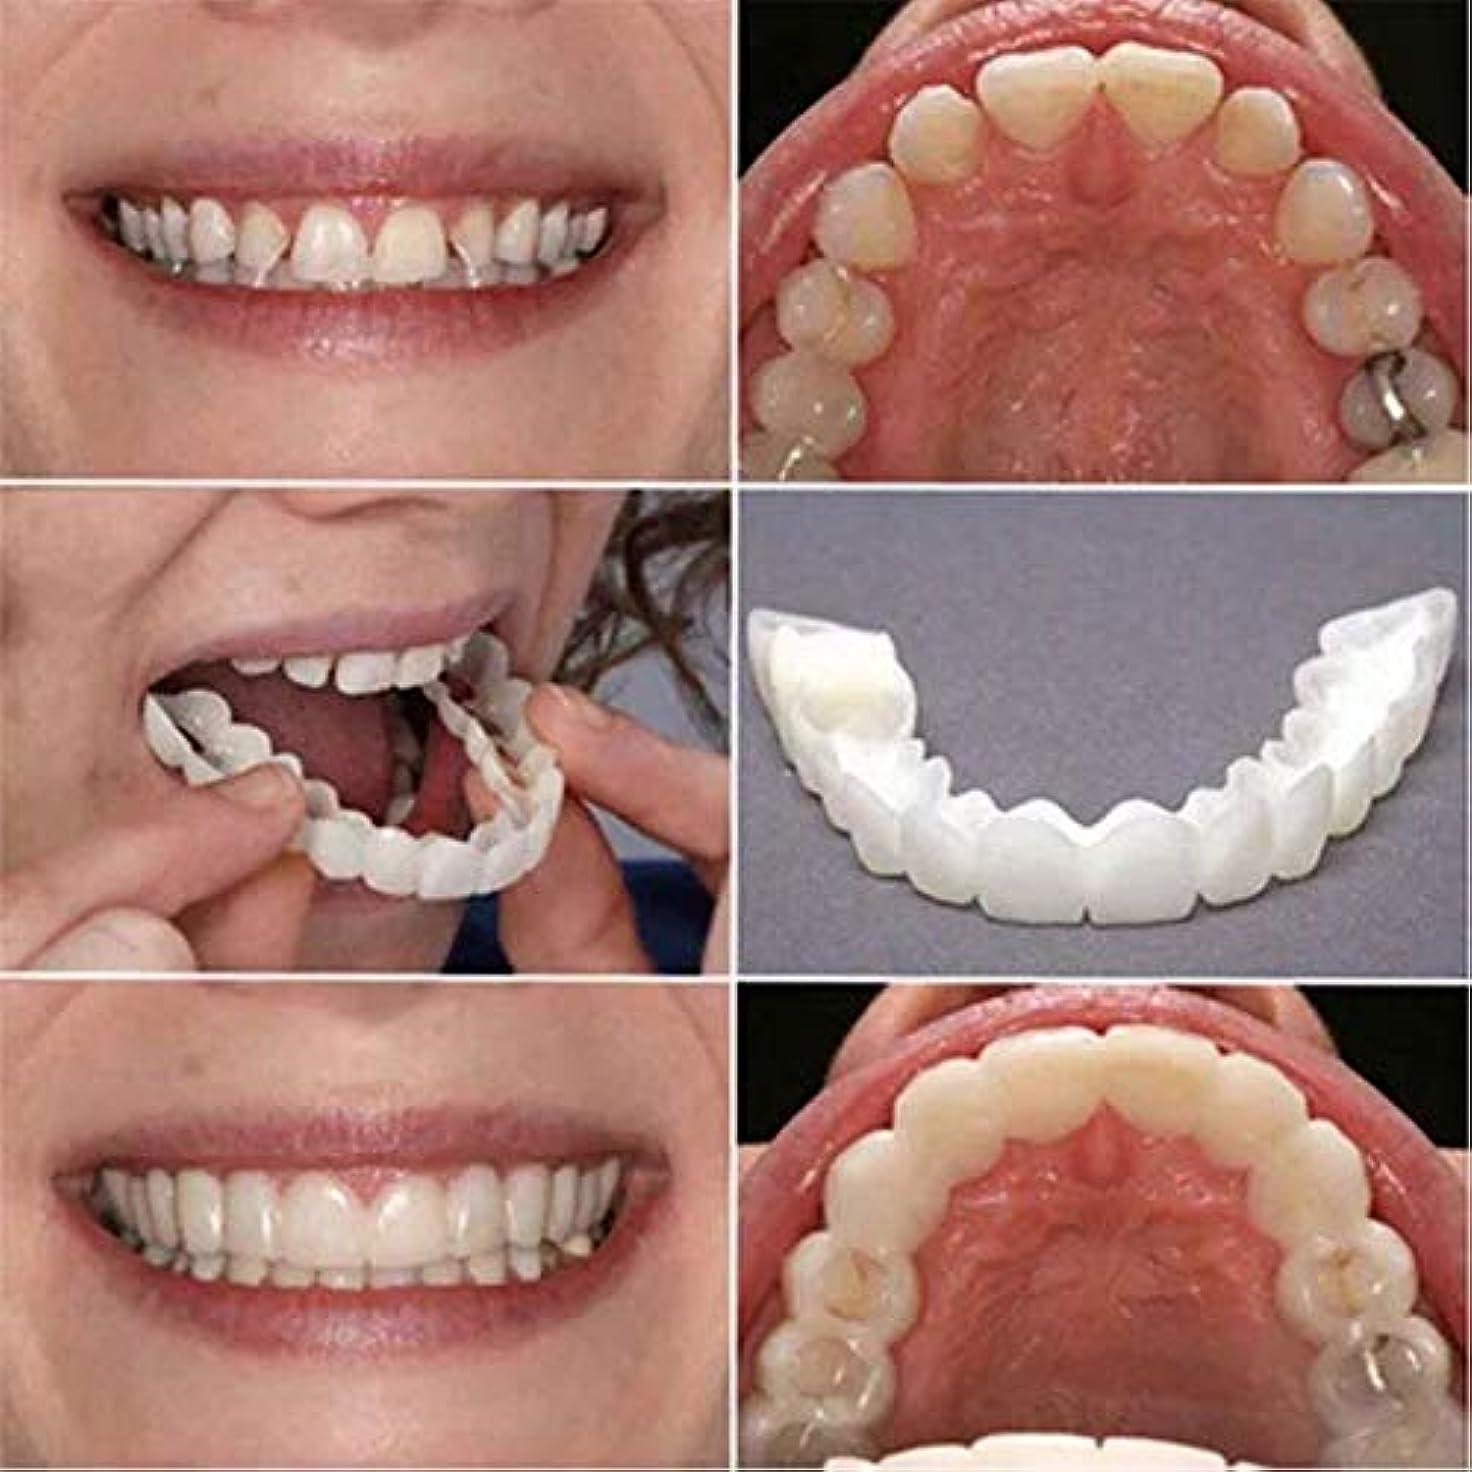 標高彫る道路2個の歯ピースフィッティング快適なフィット歯のソケット義歯口腔用品矯正アクセティース 笑顔を保つ